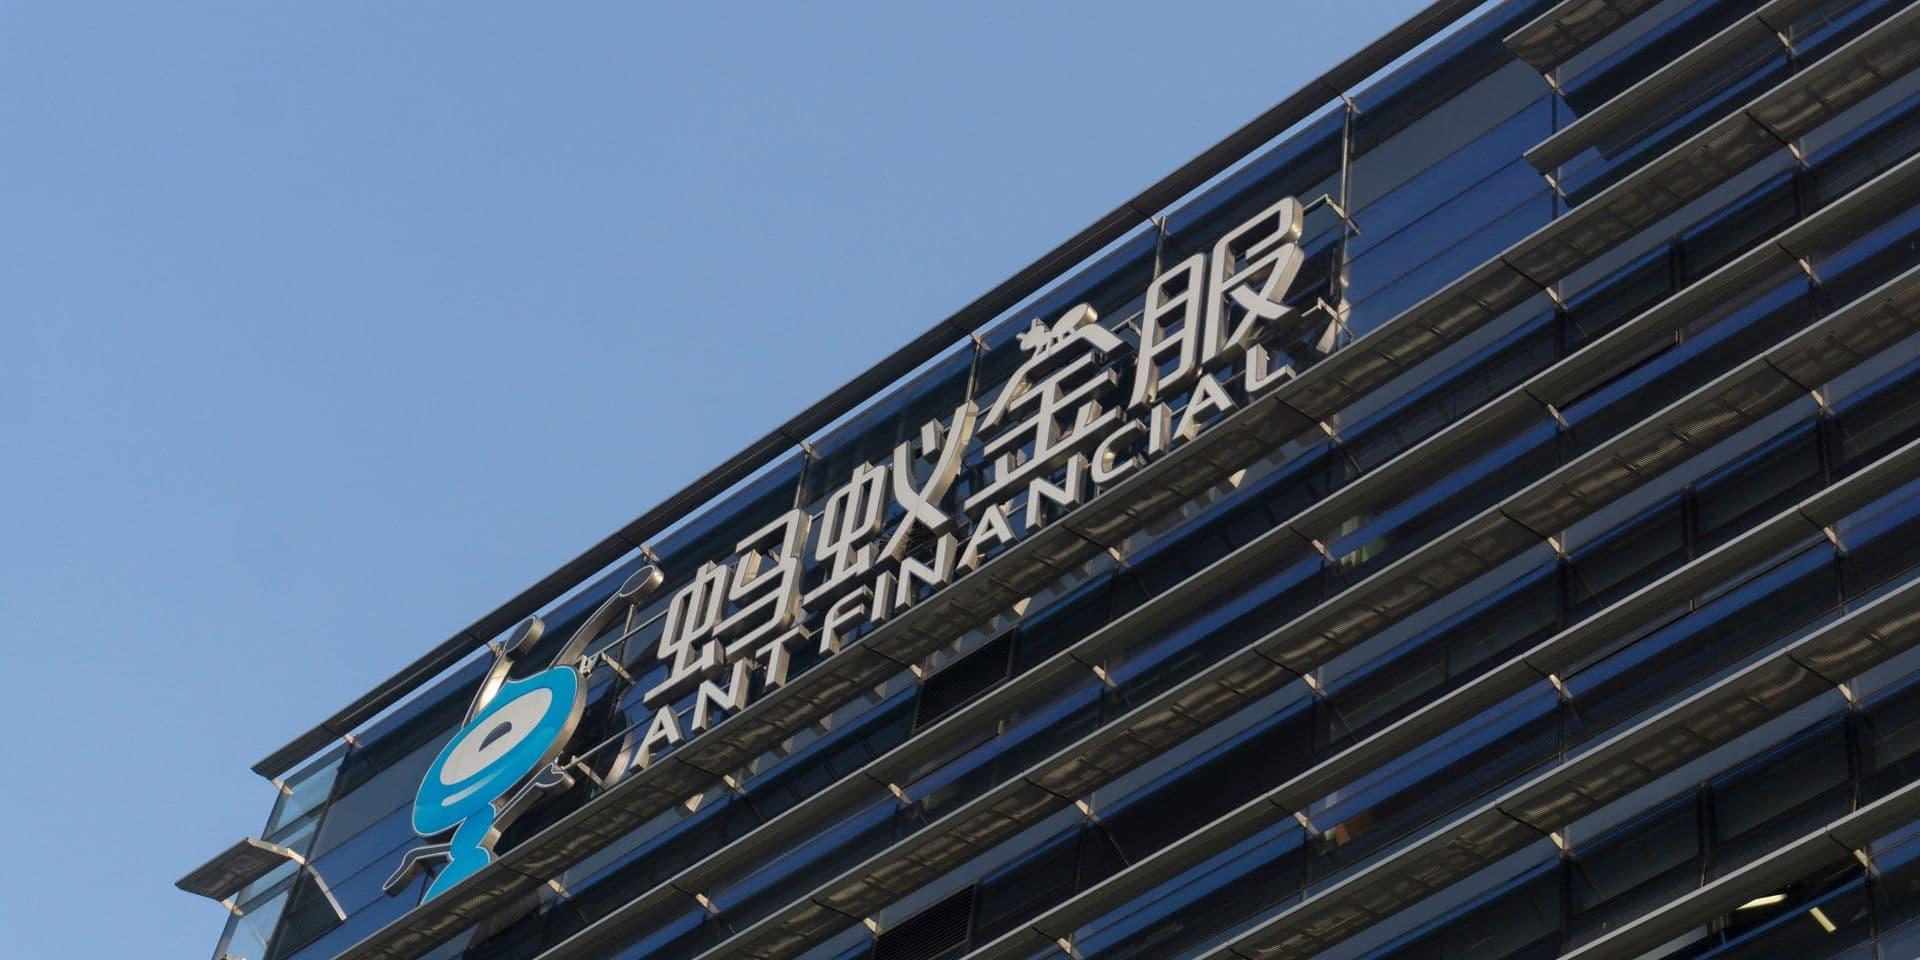 Paiement en ligne: le géant chinois Ant vise une grosse entrée en Bourse